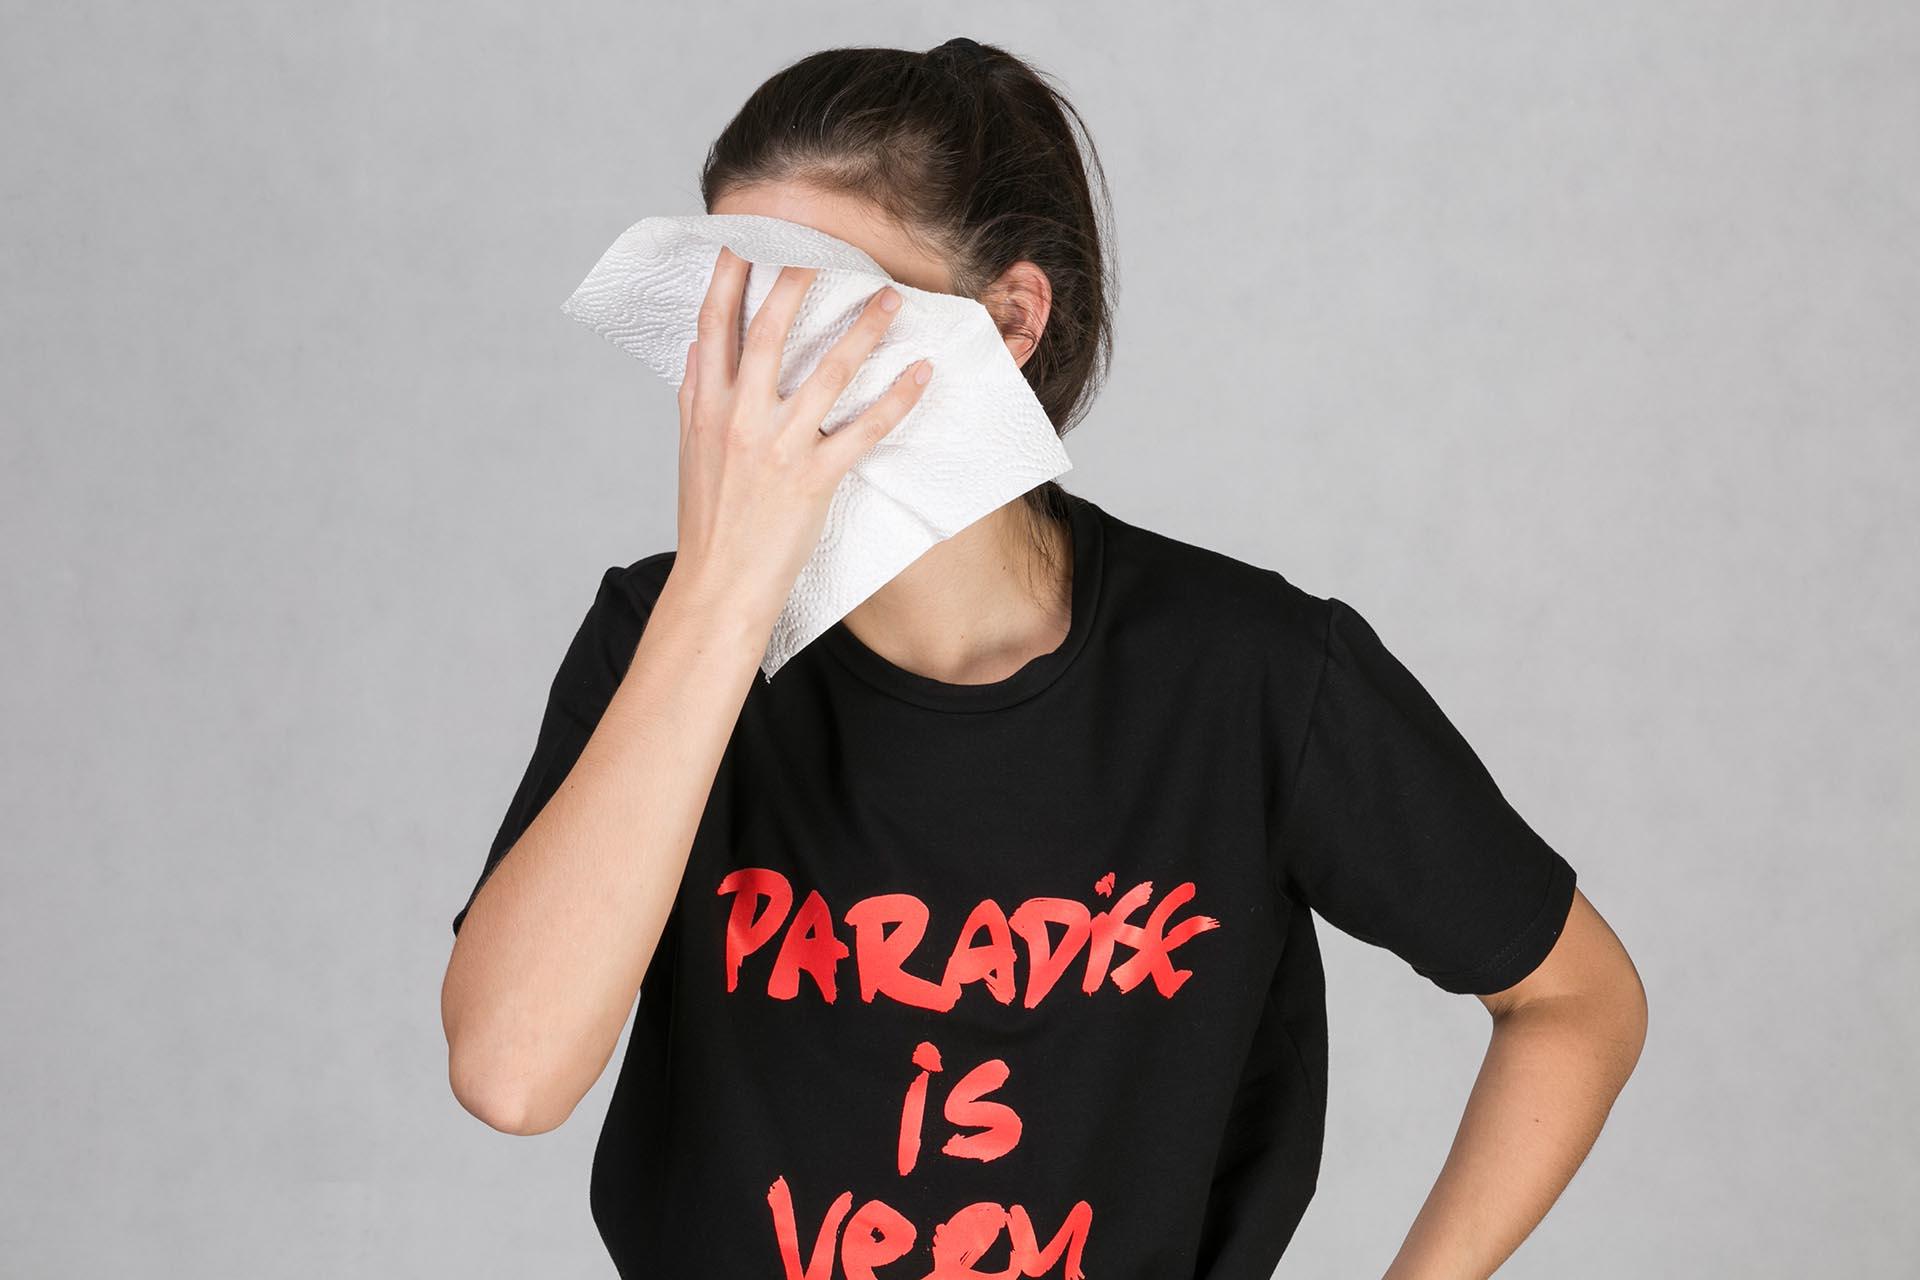 Oneday pánské oversized tričko černé v lehce prodloužené délce s krátkým  rukávem z příjemného bavlněného úpletu s barevným potiskem z limitované  kolekce s ... 417a1a1f73